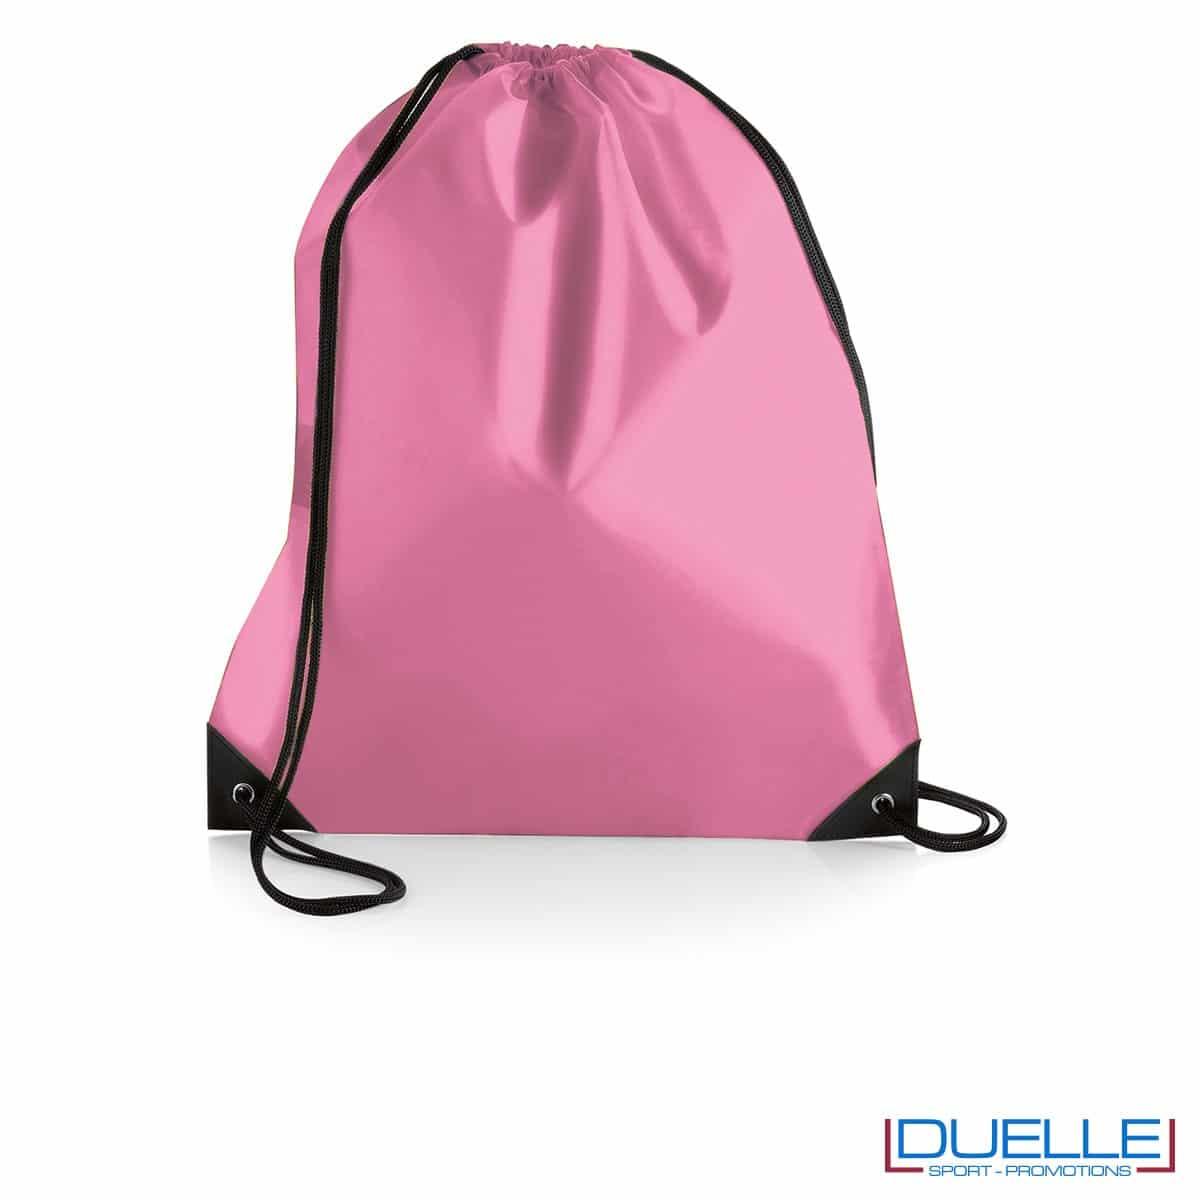 Zainetto impermeabile in nylon rosa